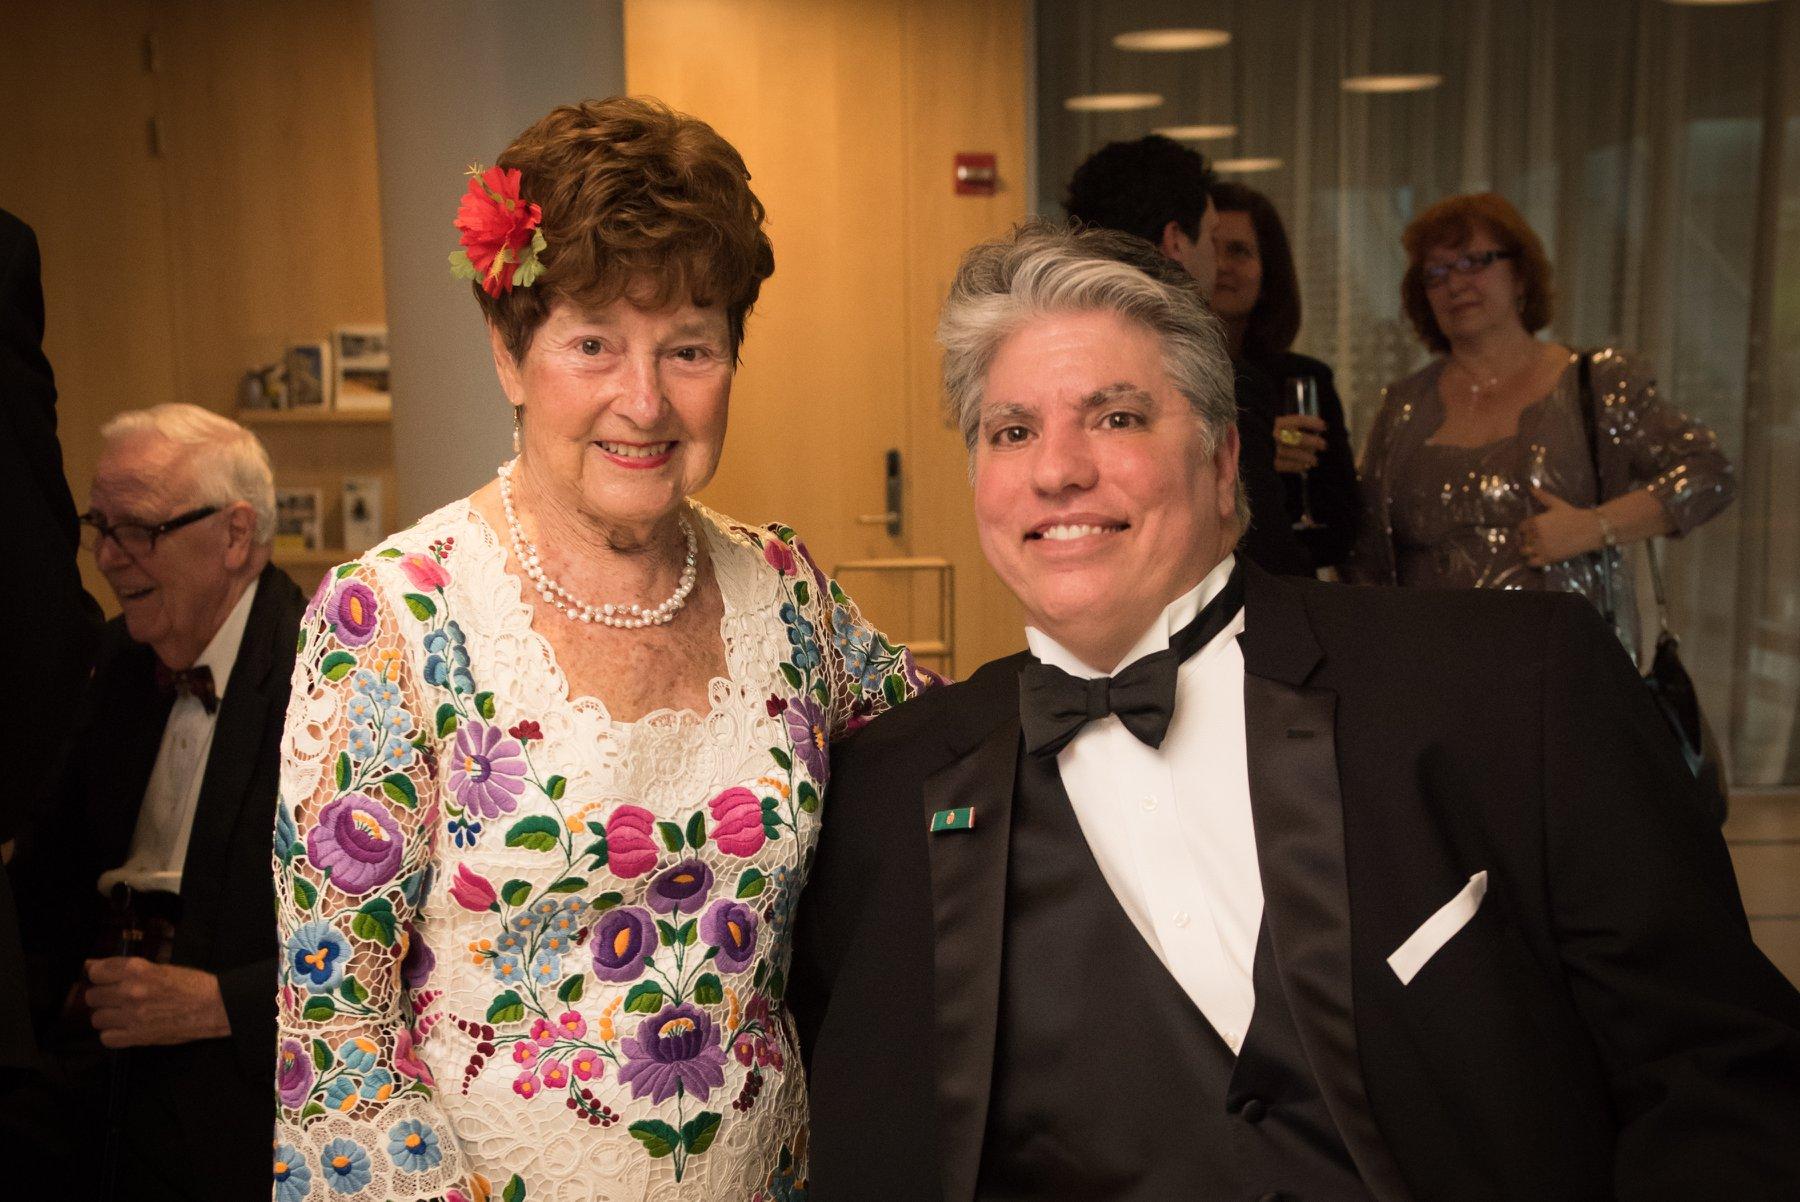 Dr. Jenny Brown and President Emeritus Max Teleki